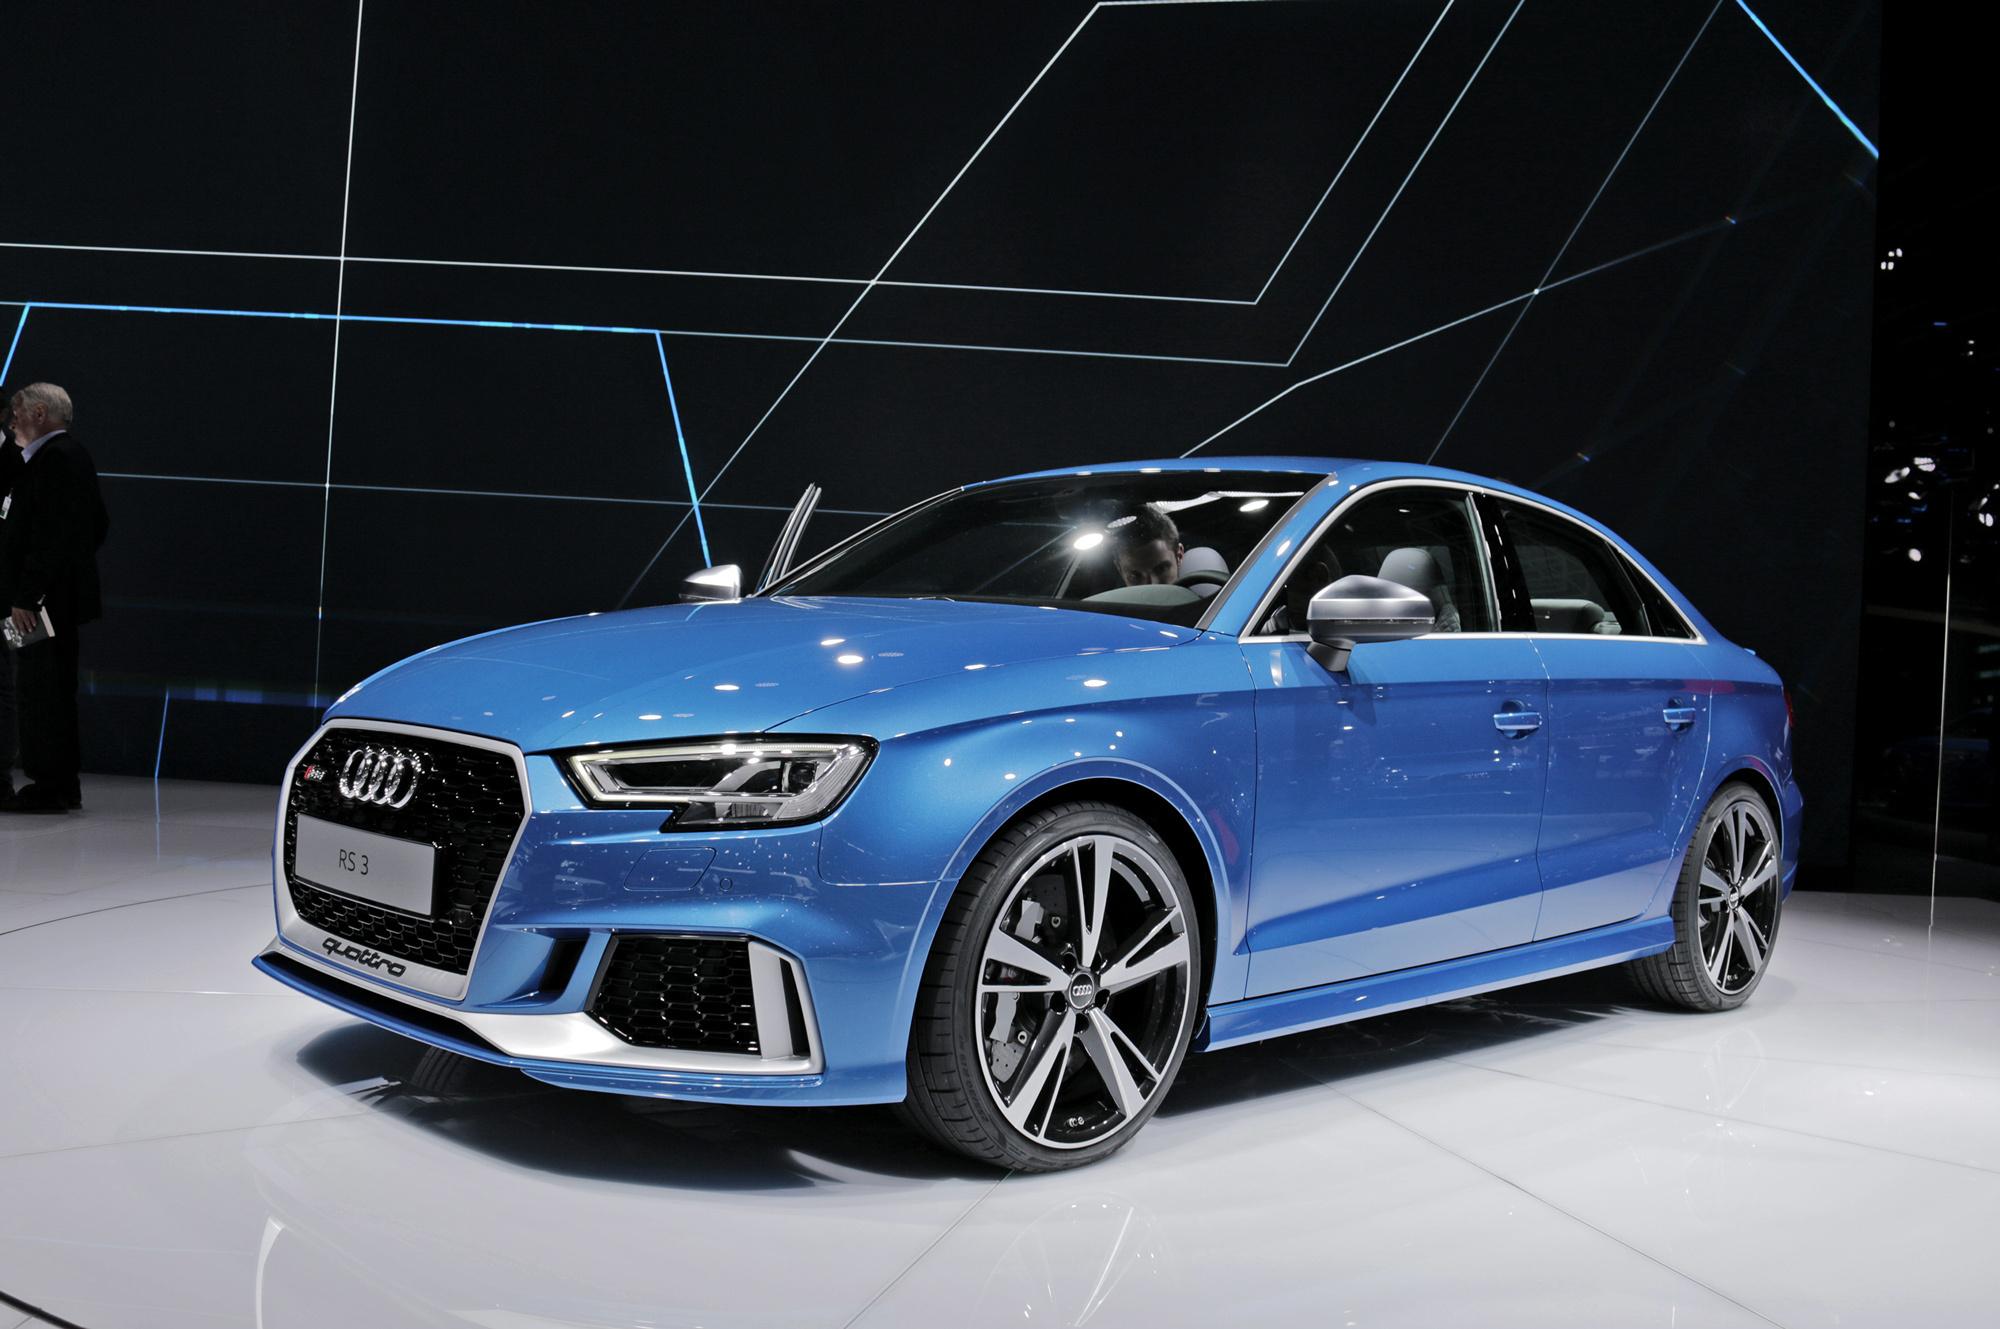 Audi RS 3 Wallpaper For Lapto